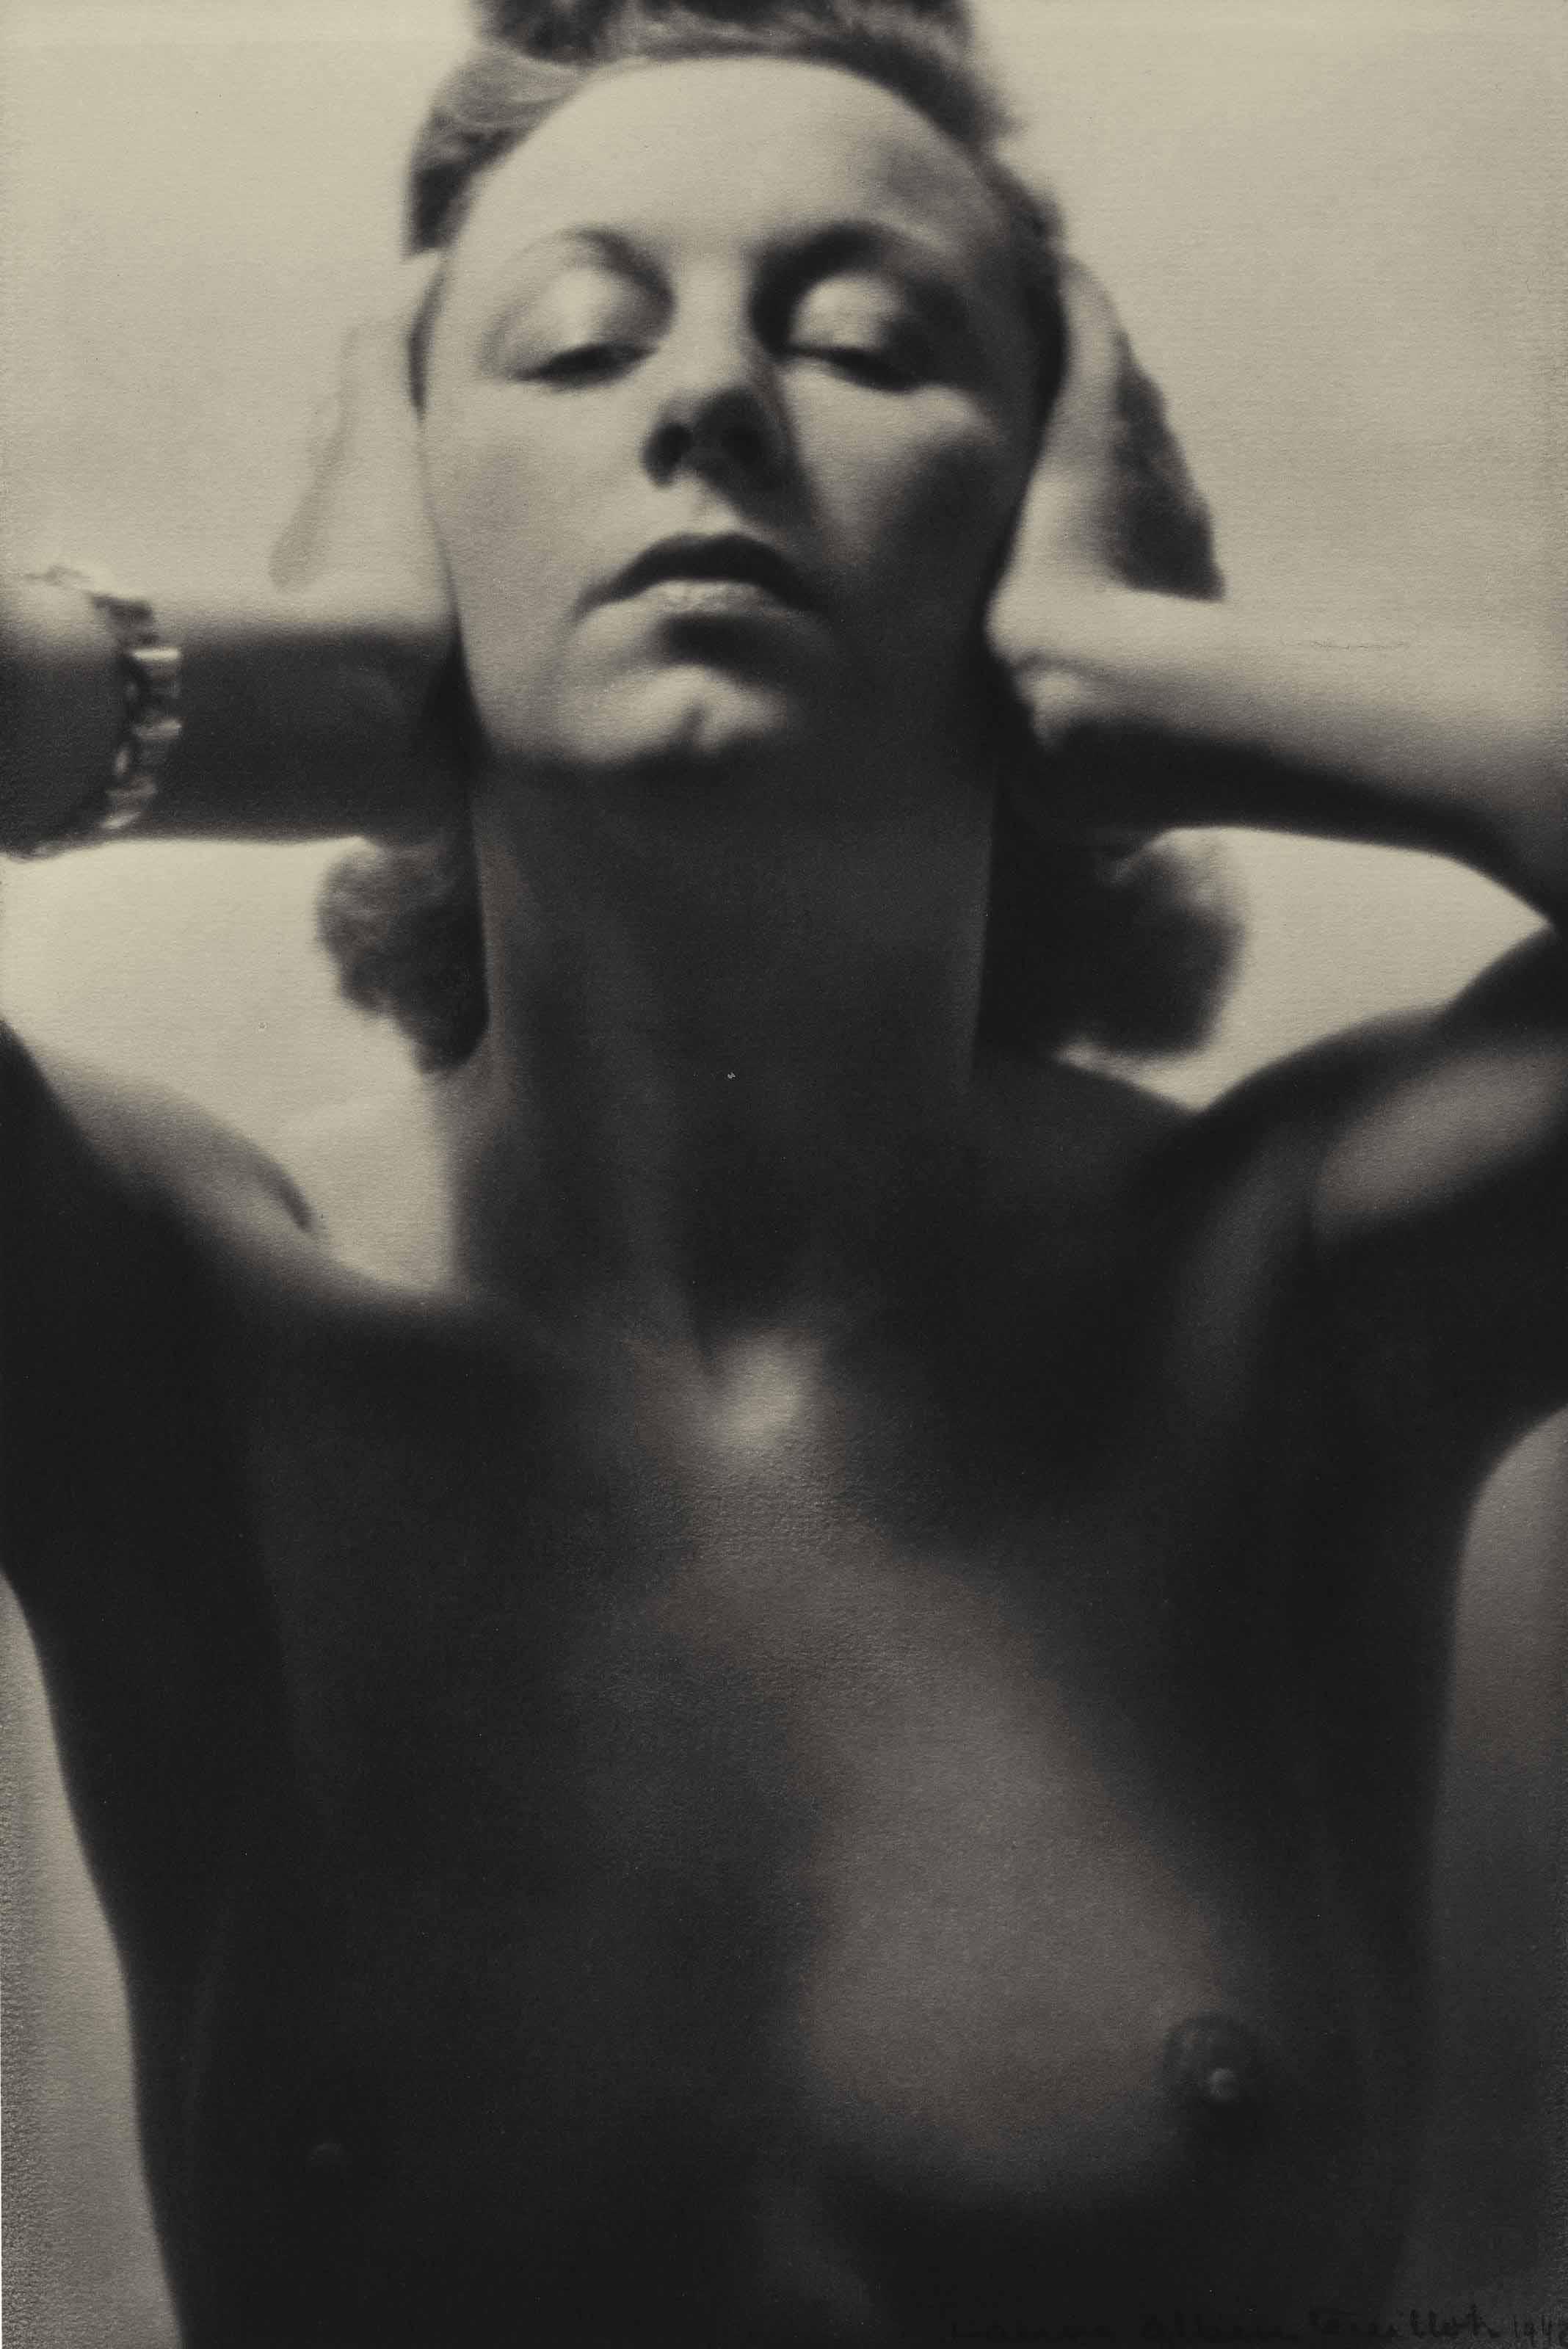 Nude Study, 1942